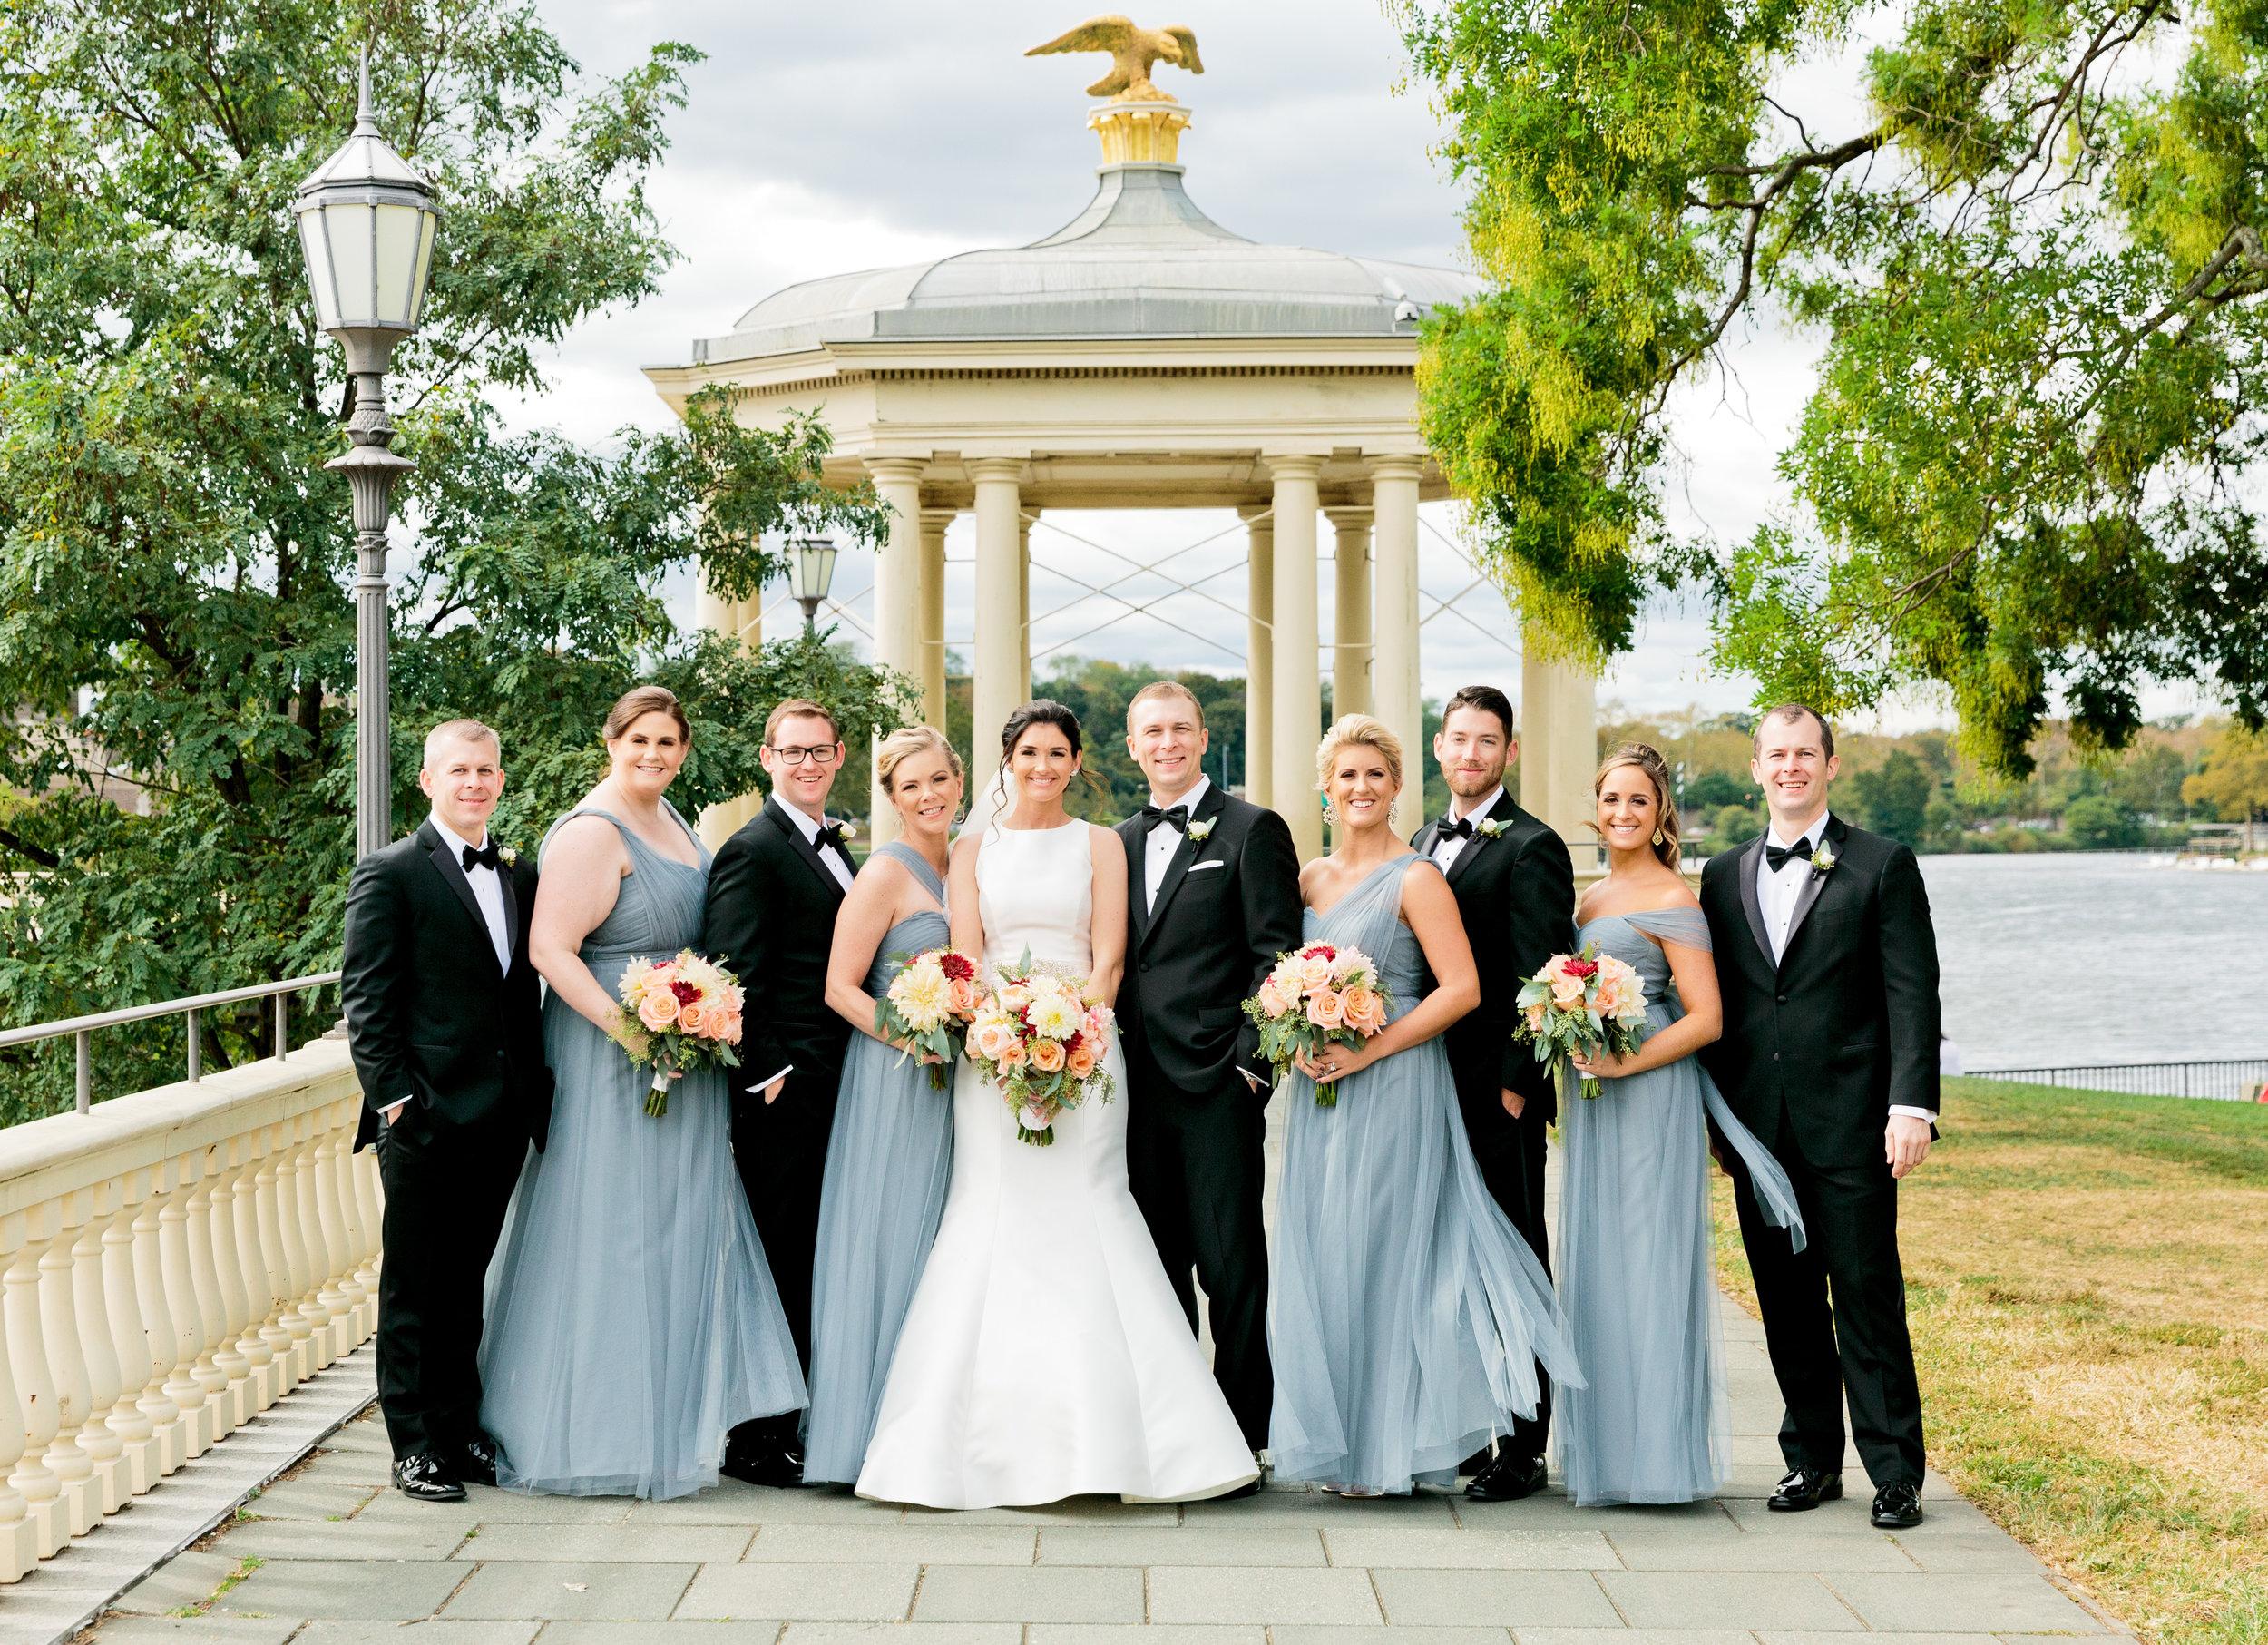 Hudson-Nichols-Black-Tie-Bride-Philadelphia-Waterworks-Wedding-Bride-Groom-Portraits51.jpg